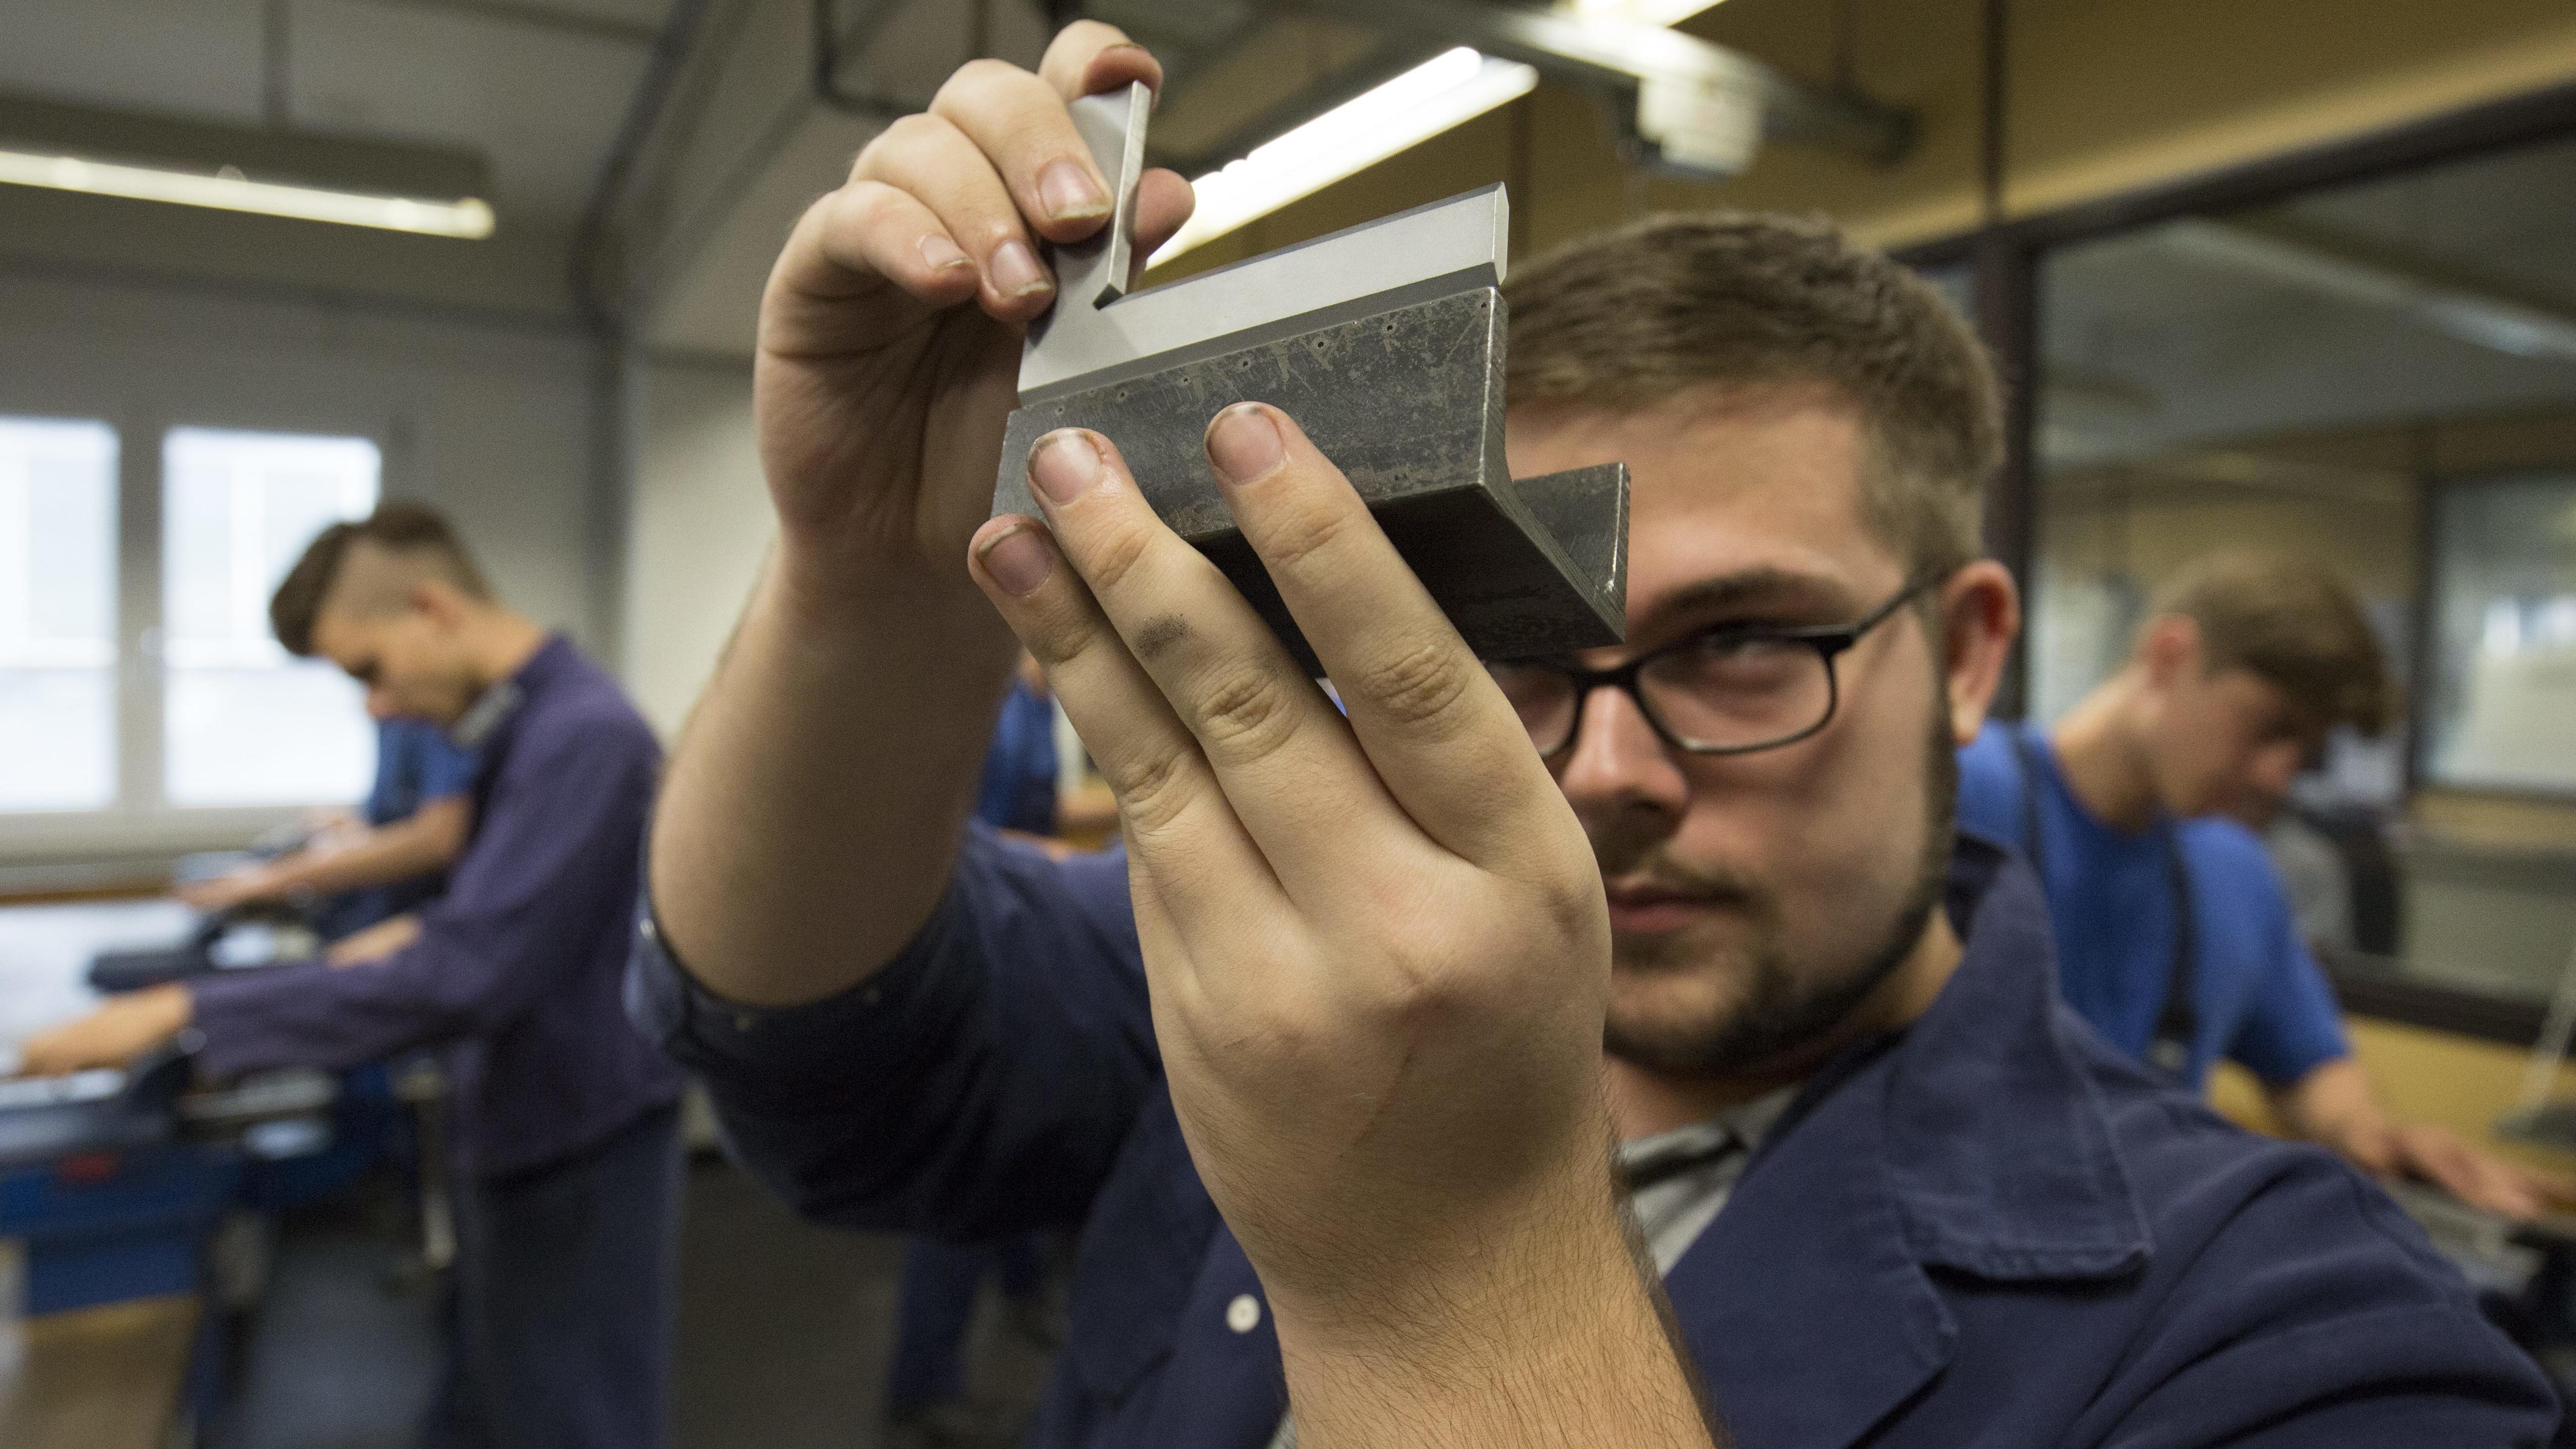 Azubi in einer Schlosserwerkstatt, misst ein Stück U-Stahl.